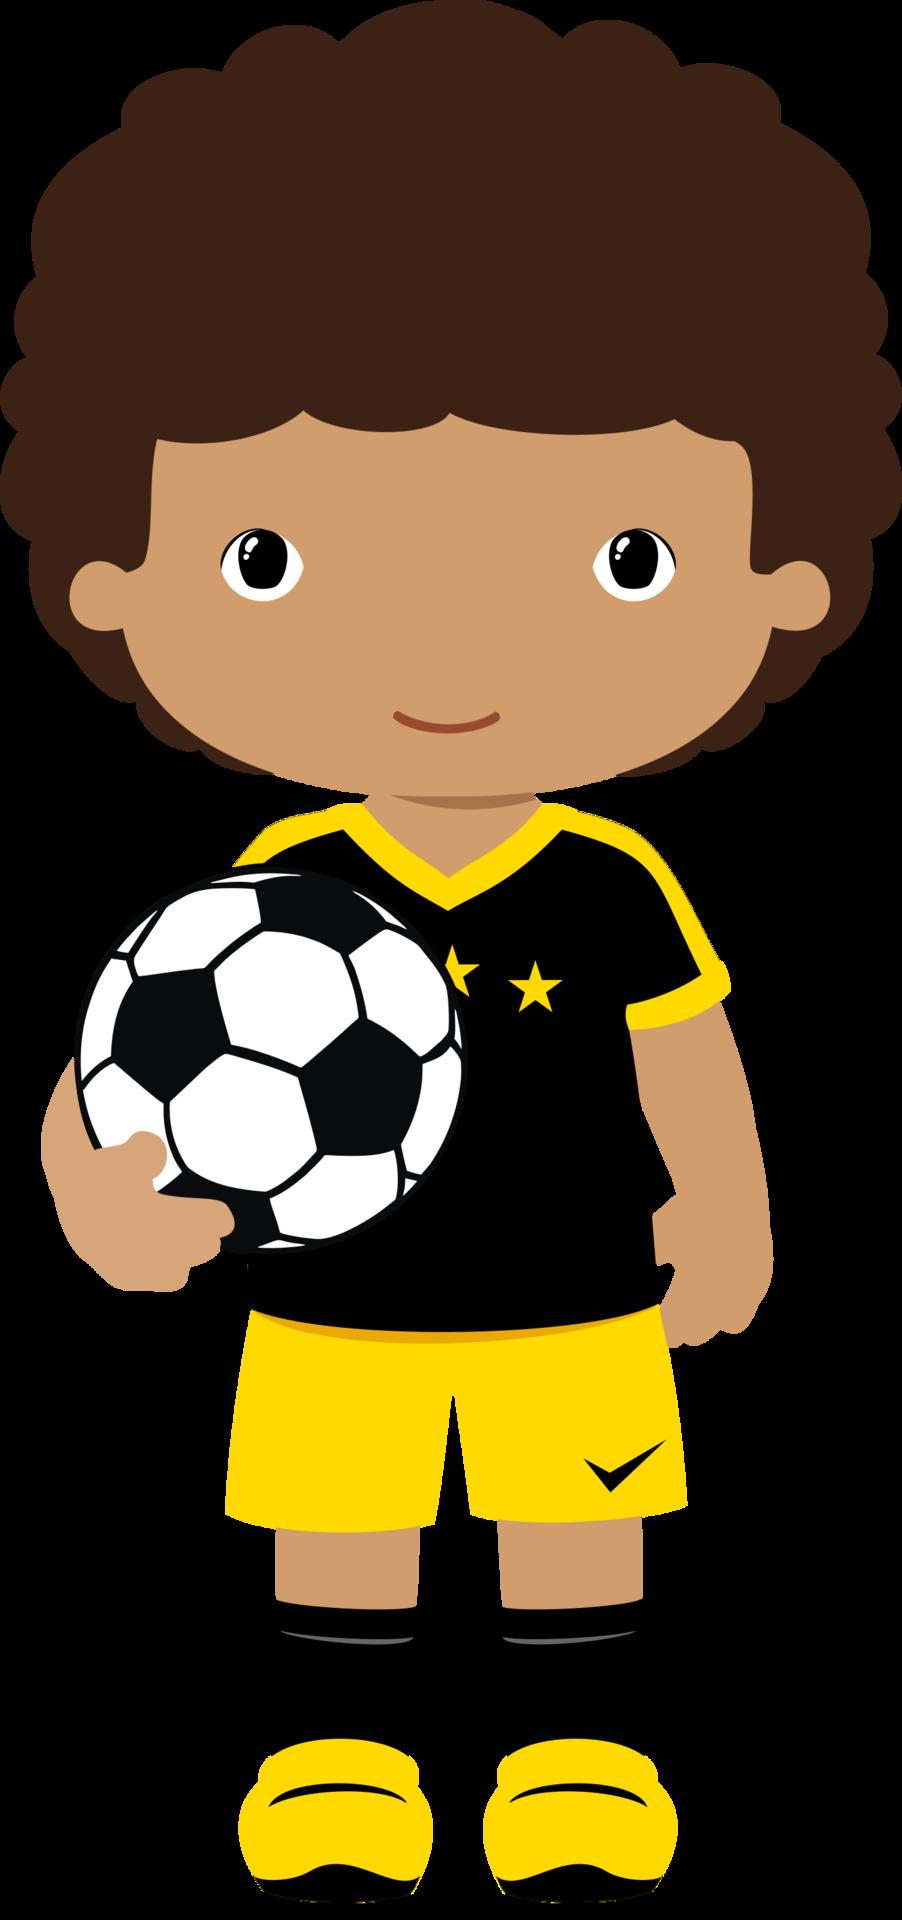 Toddler football clipart jpg free download SPORTS & GINÁSTICA | Moldes desenhos ginastas - Educação Fisica ... jpg free download